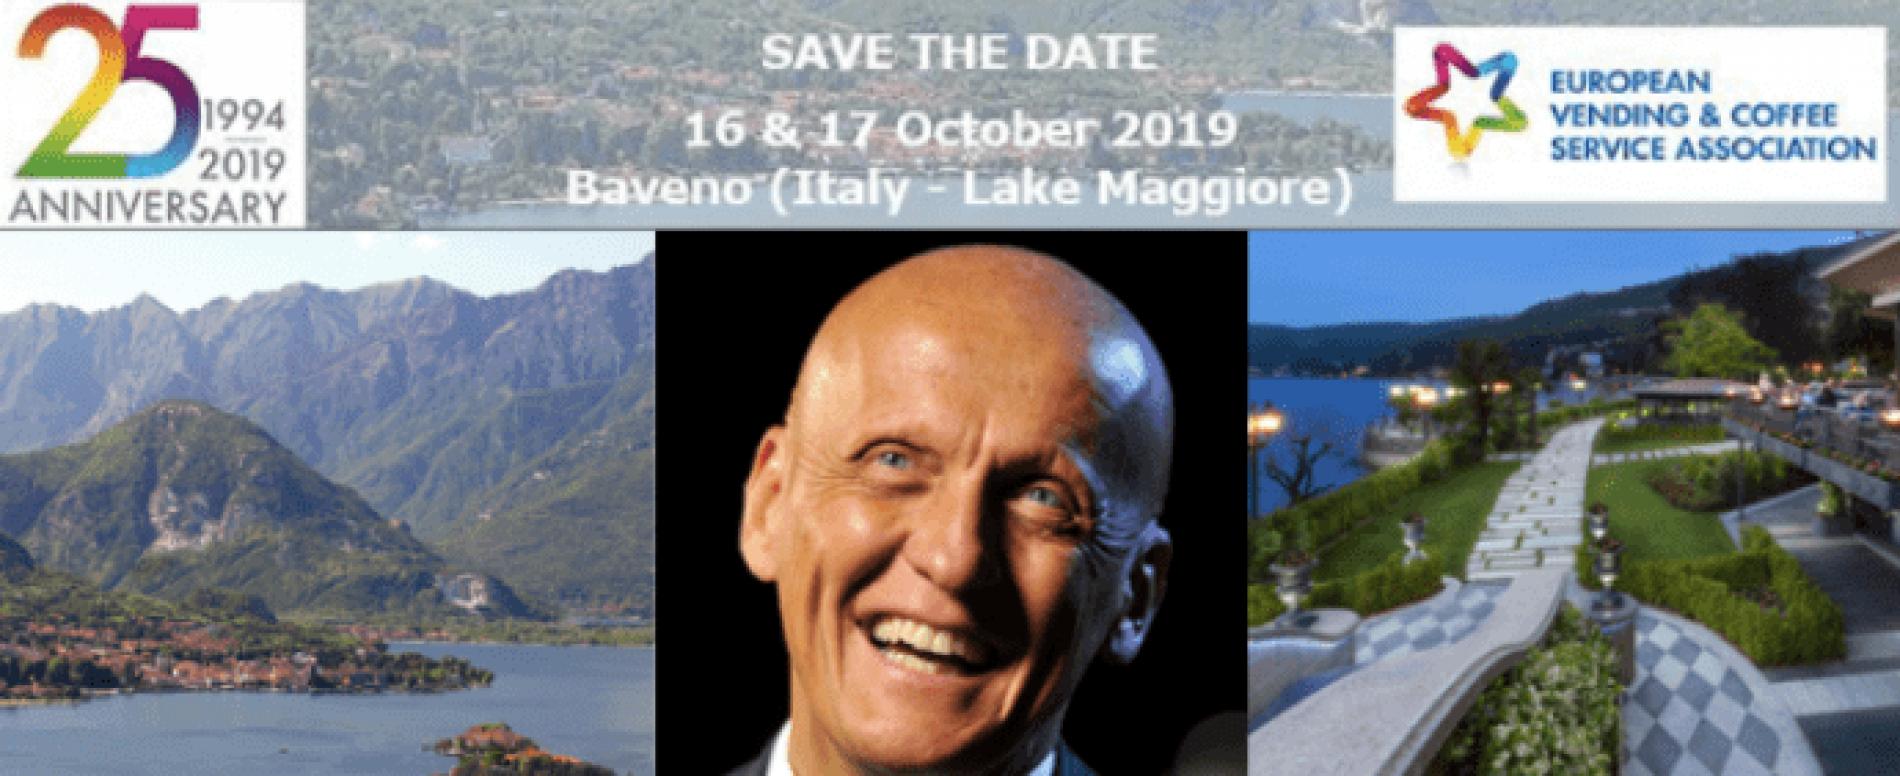 Tutto pronto per EVEX 2019, l'evento che riunisce il Vending europeo